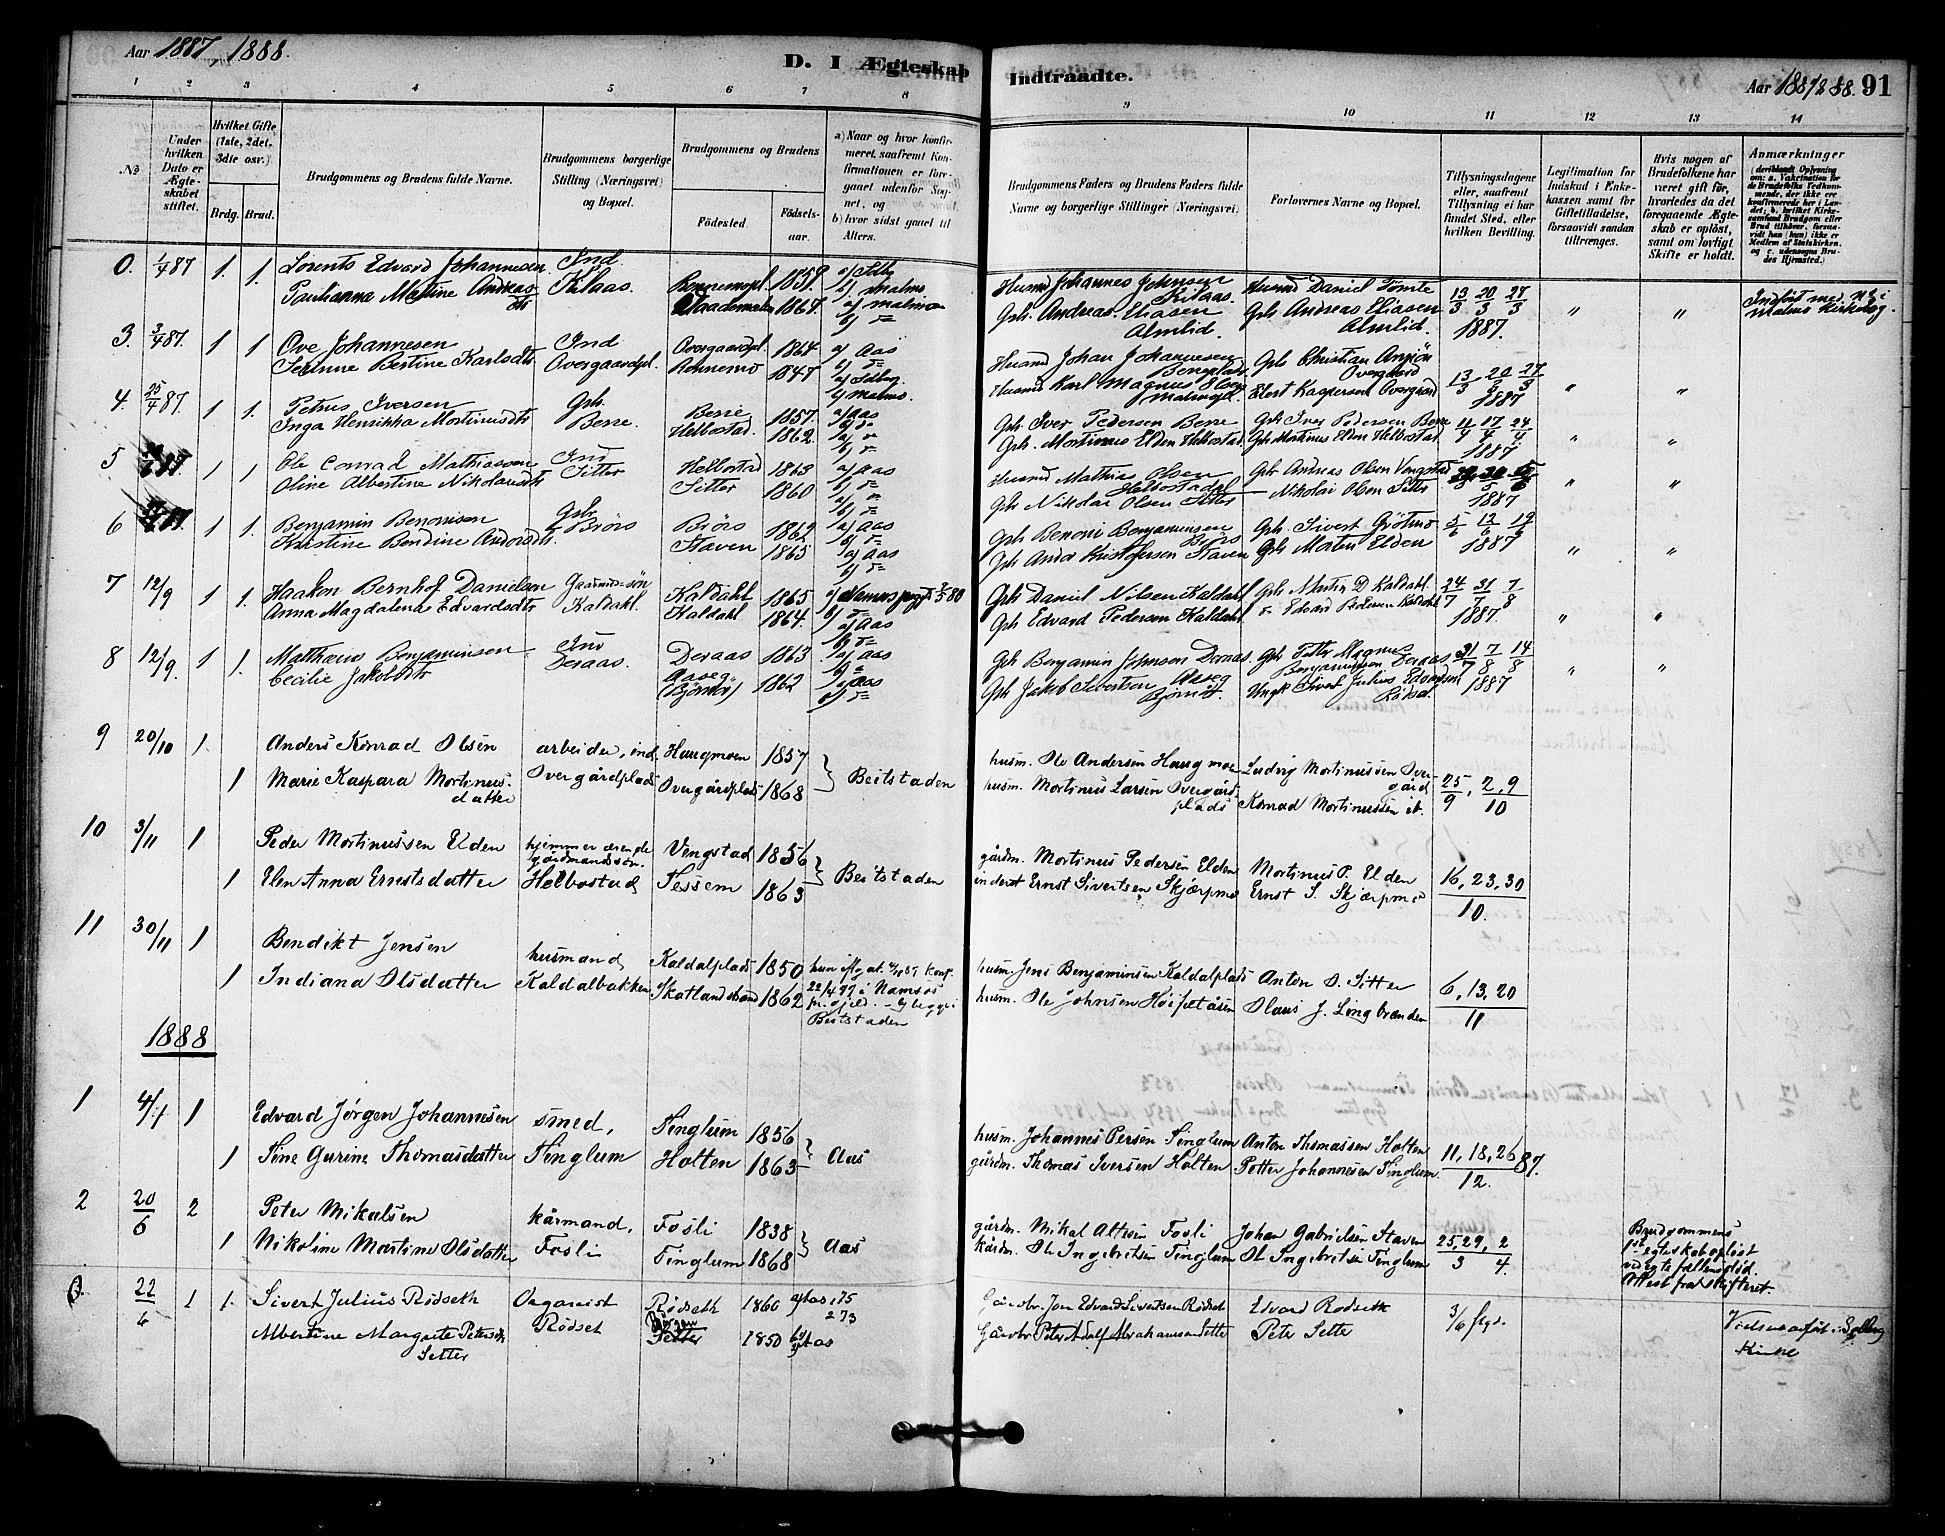 SAT, Ministerialprotokoller, klokkerbøker og fødselsregistre - Nord-Trøndelag, 742/L0408: Ministerialbok nr. 742A01, 1878-1890, s. 91